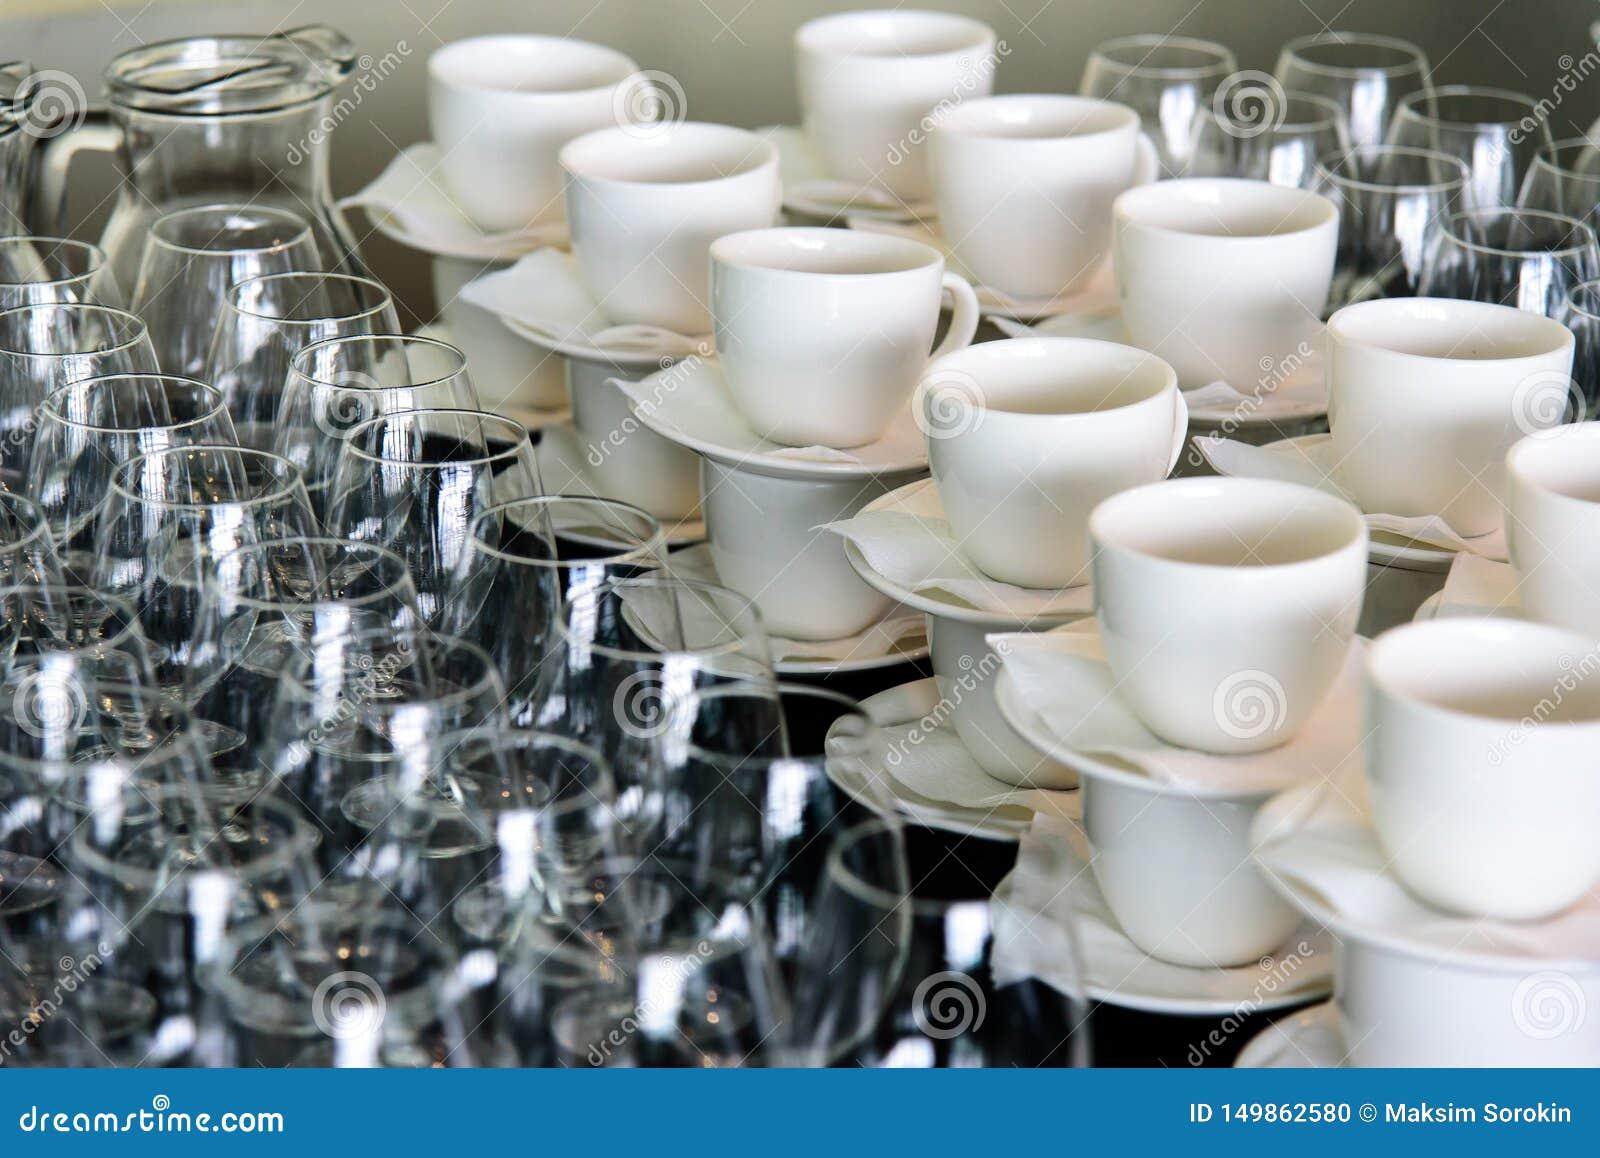 Un sistema de tazas y de vidrios de los platos